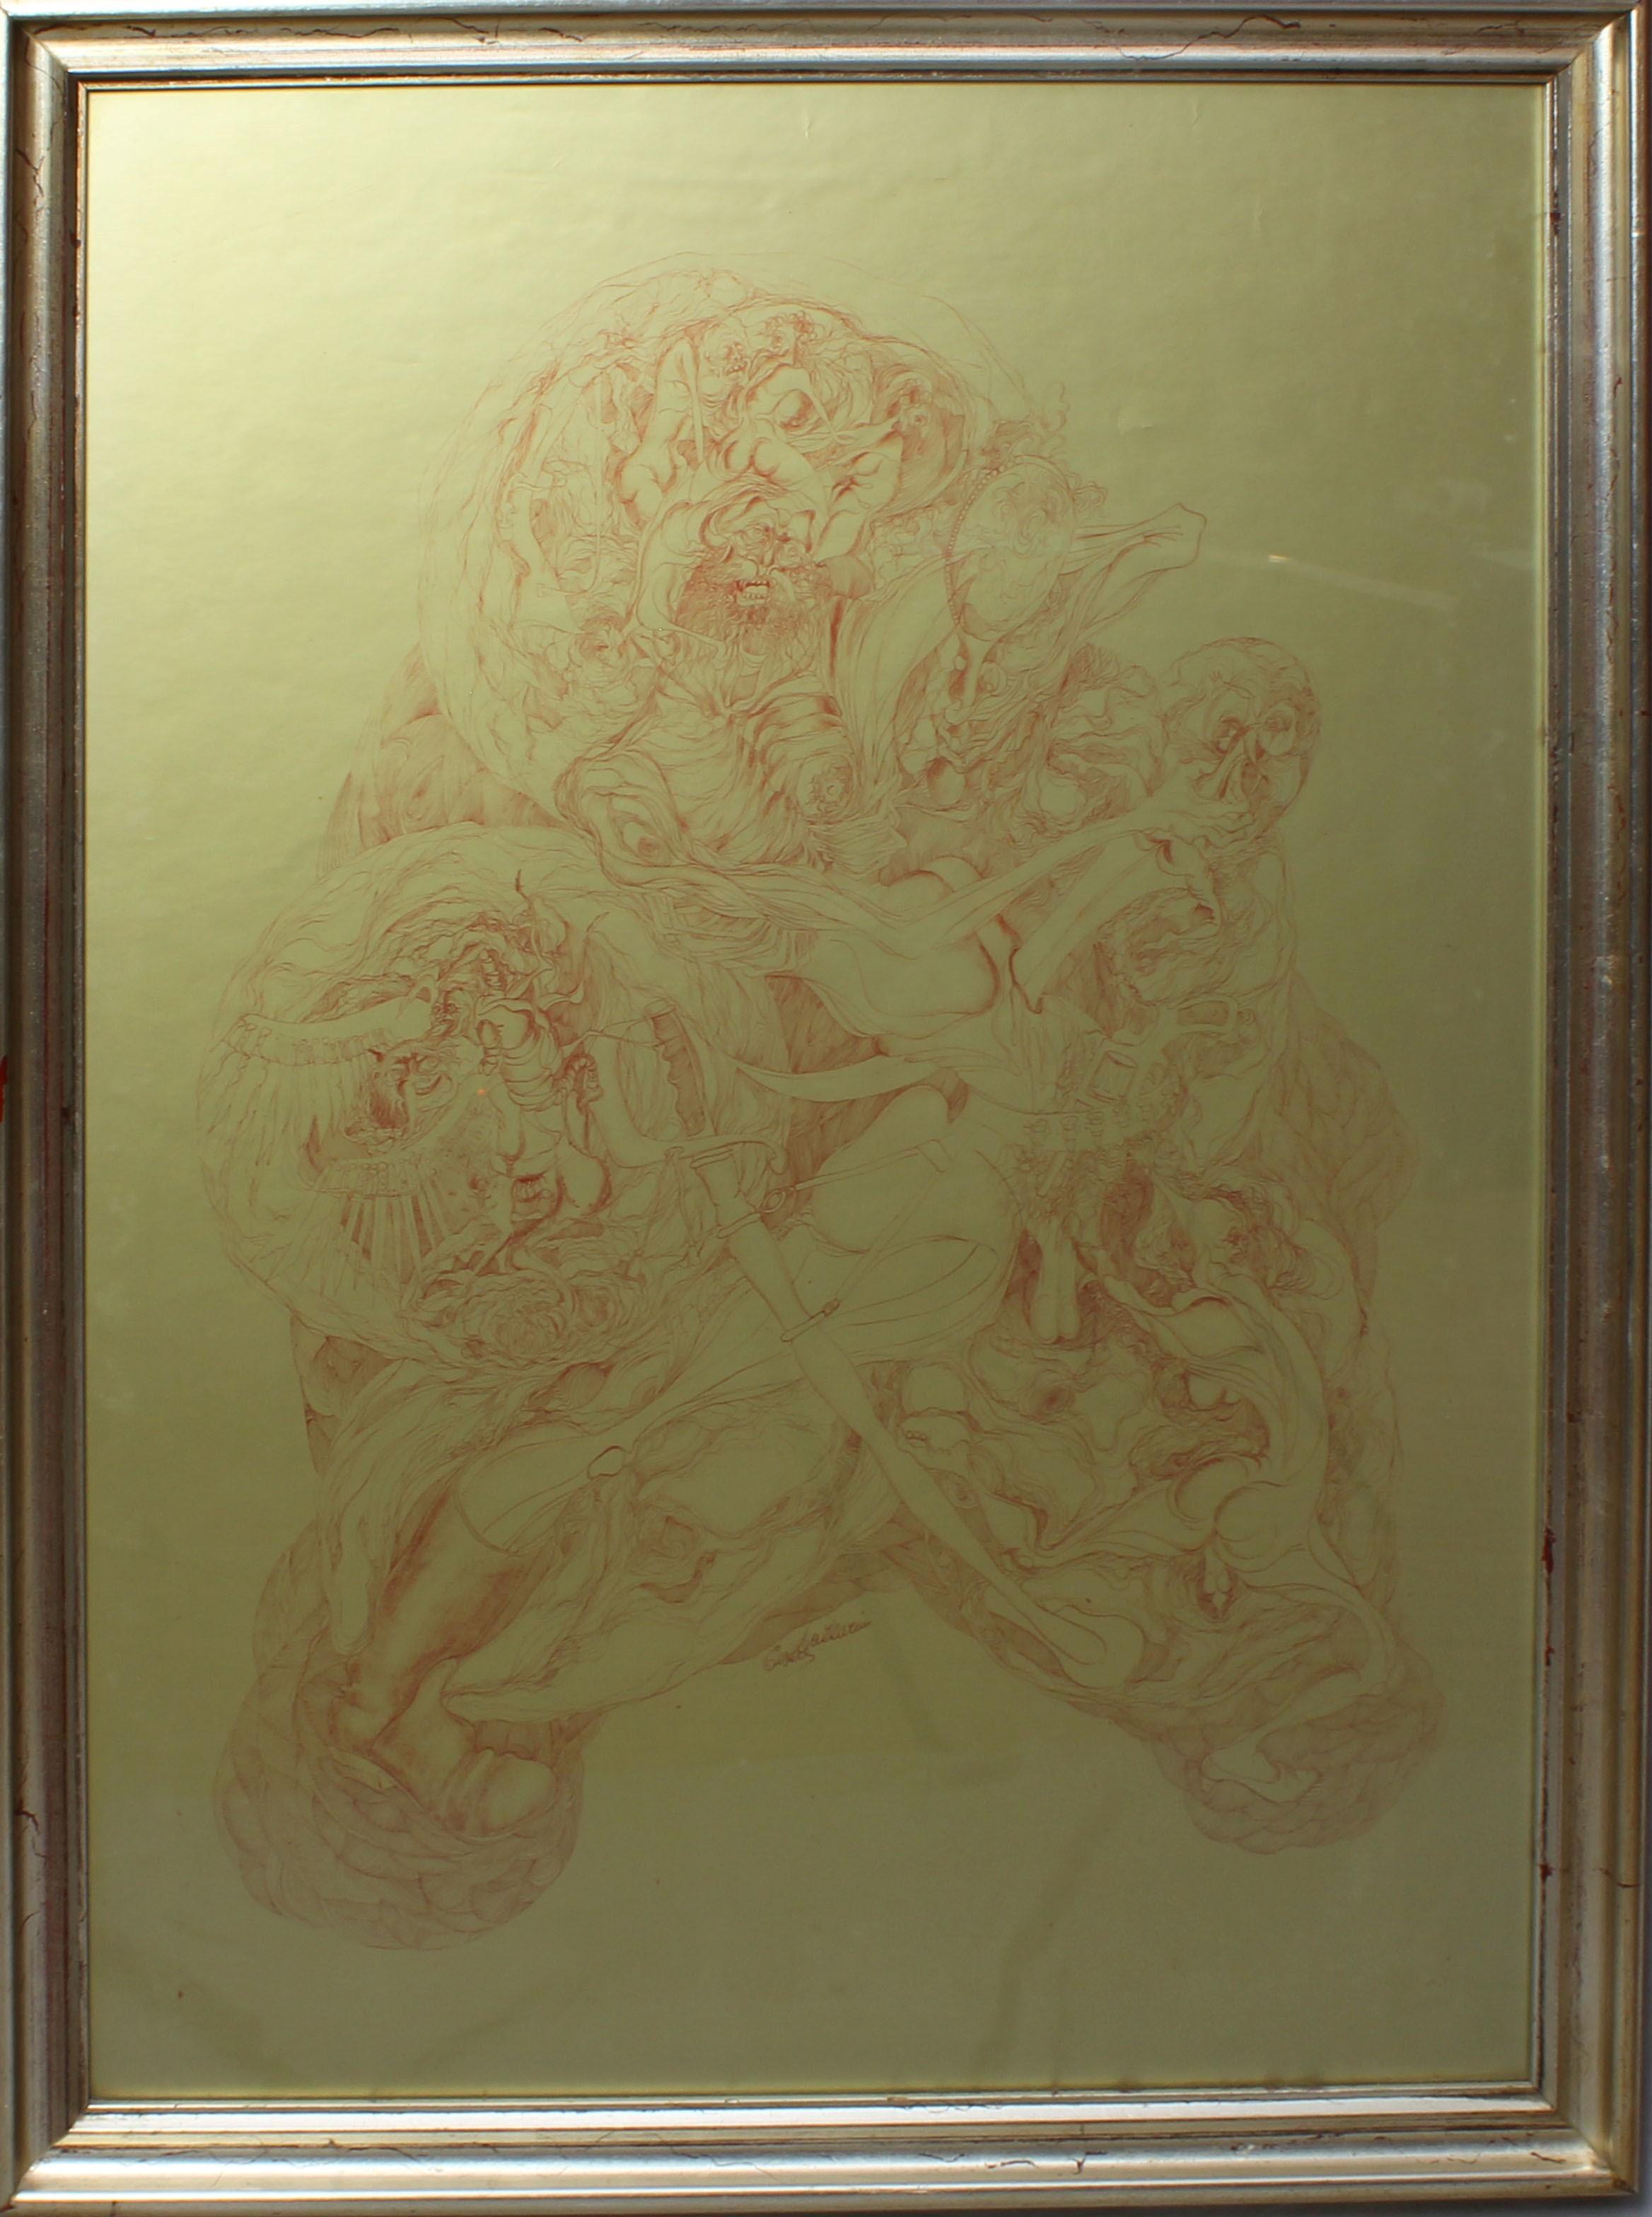 Lot 5 - Astratto, grafica a firma Lazzarini, cm. 60x85